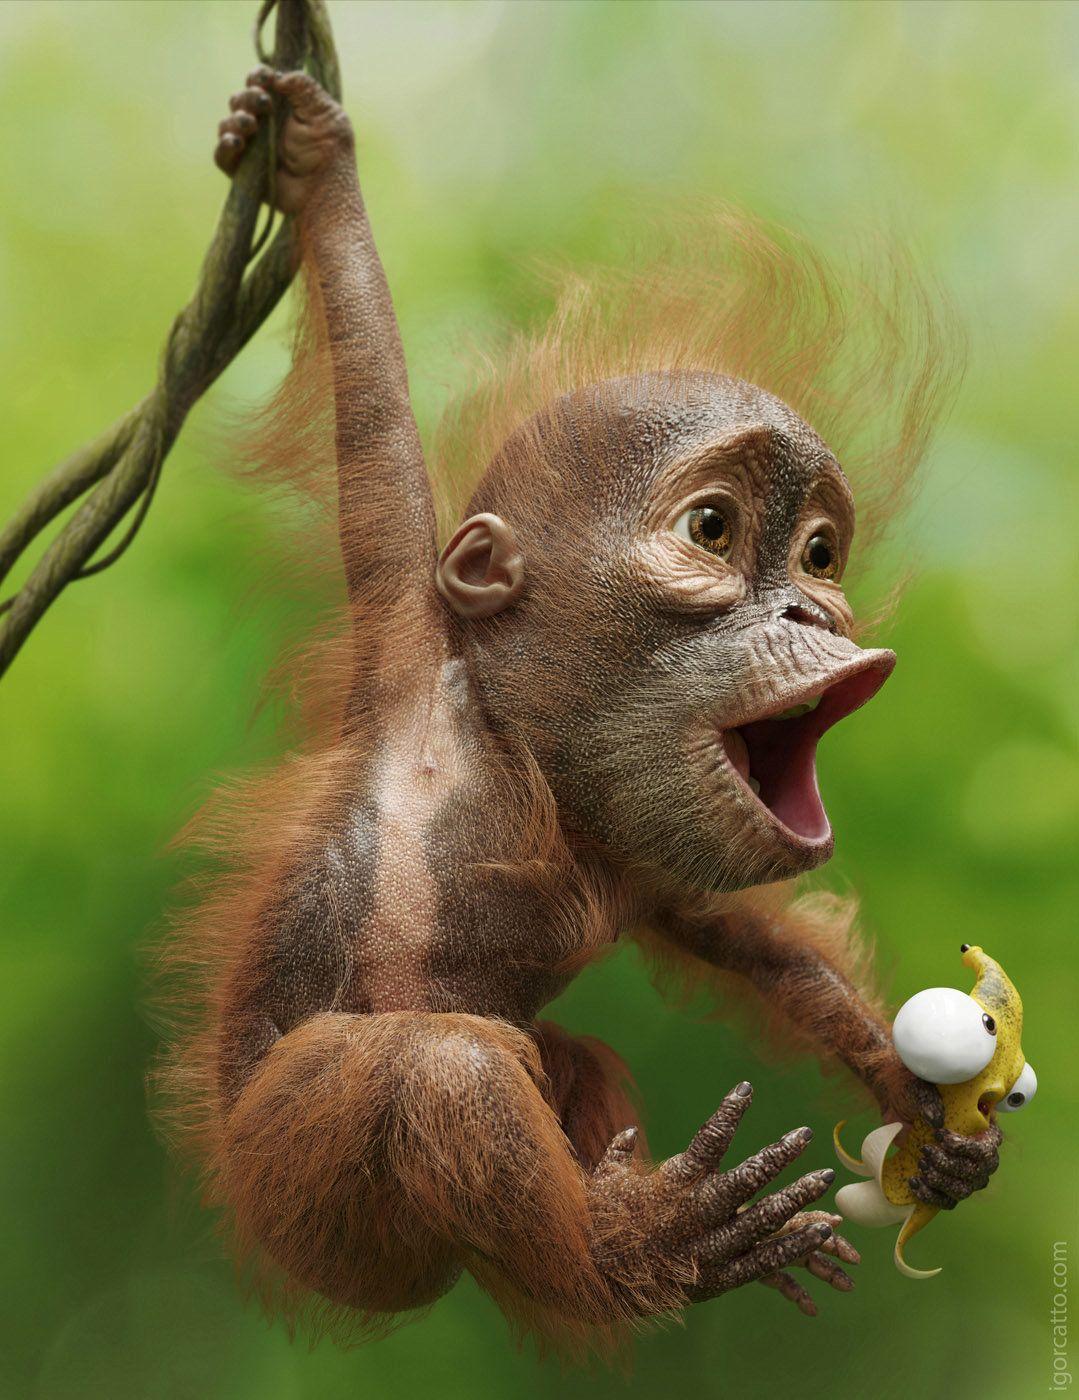 делать, смешные рожицы животных картинки фотон обладает